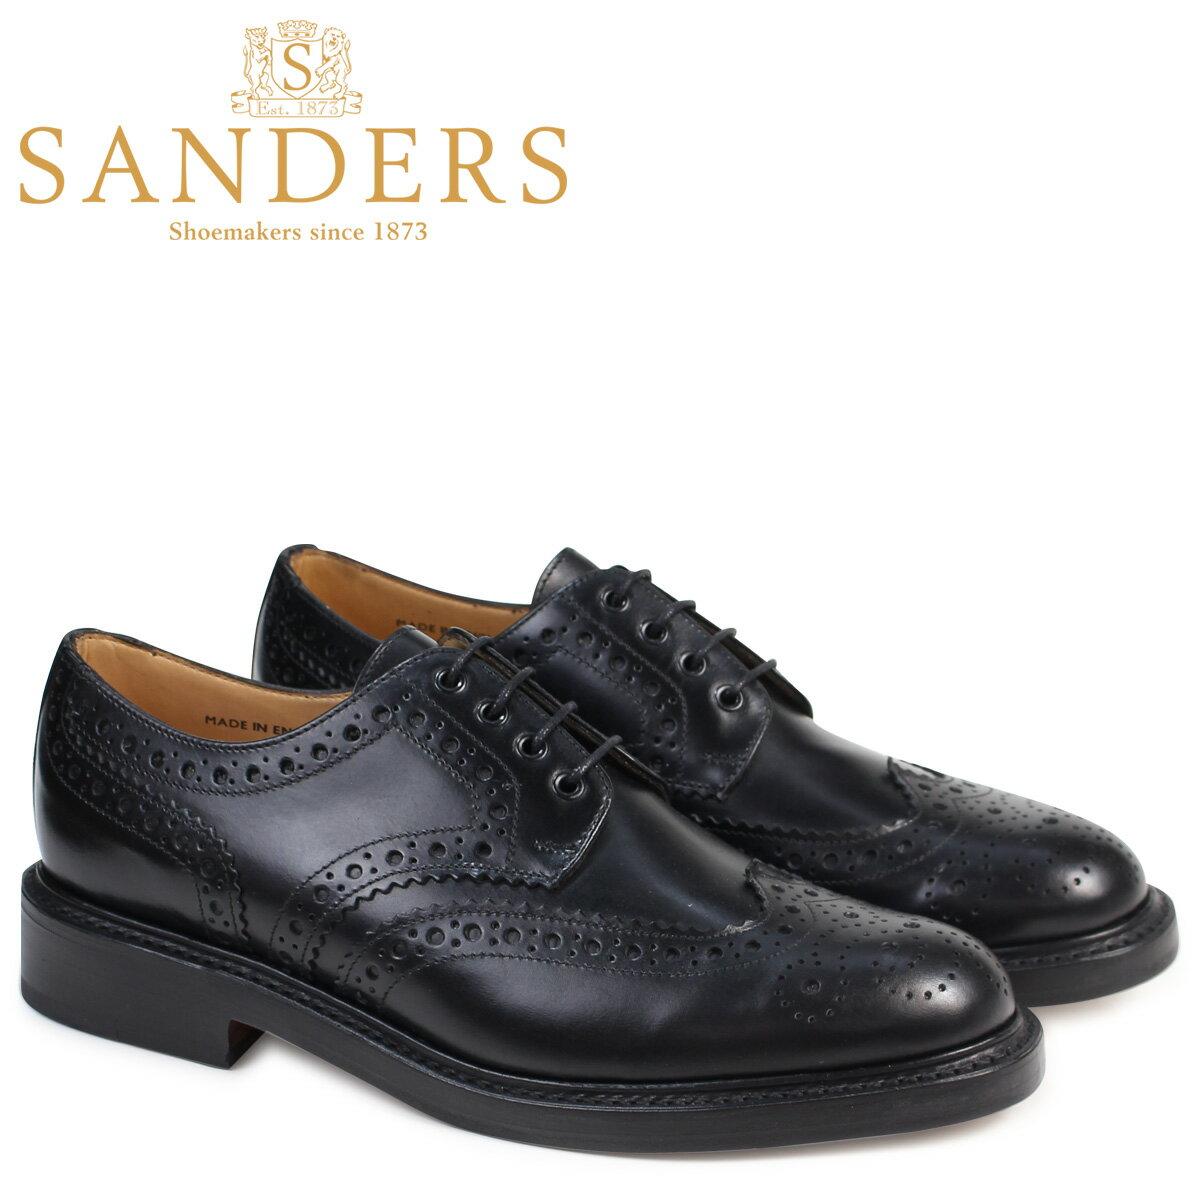 メンズ靴, ビジネスシューズ SANDERS FAKENHAM 9317B